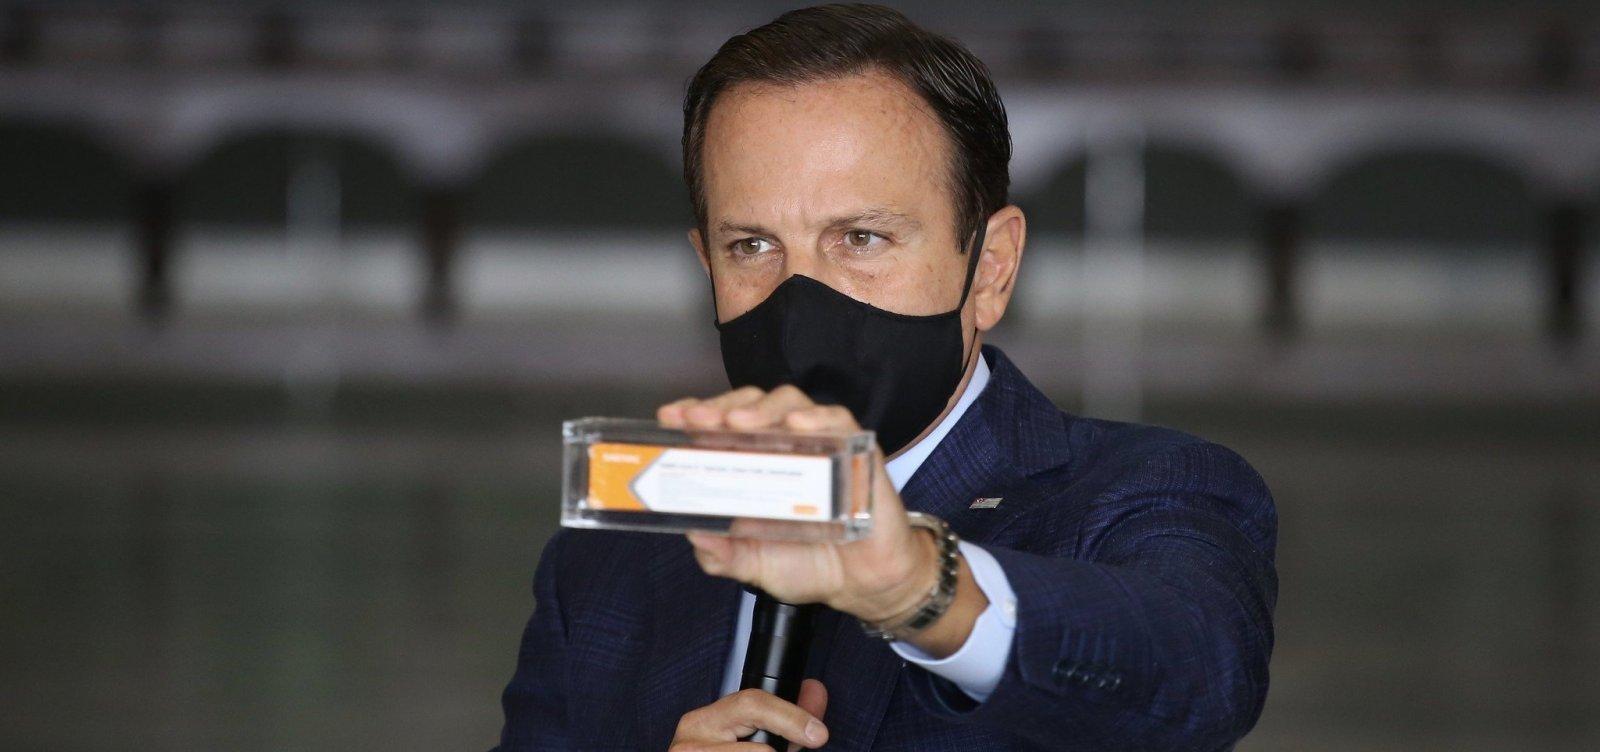 [Covid-19: Primeiras doses da vacina CoronaVac chegam em uma semana, diz governador de SP]